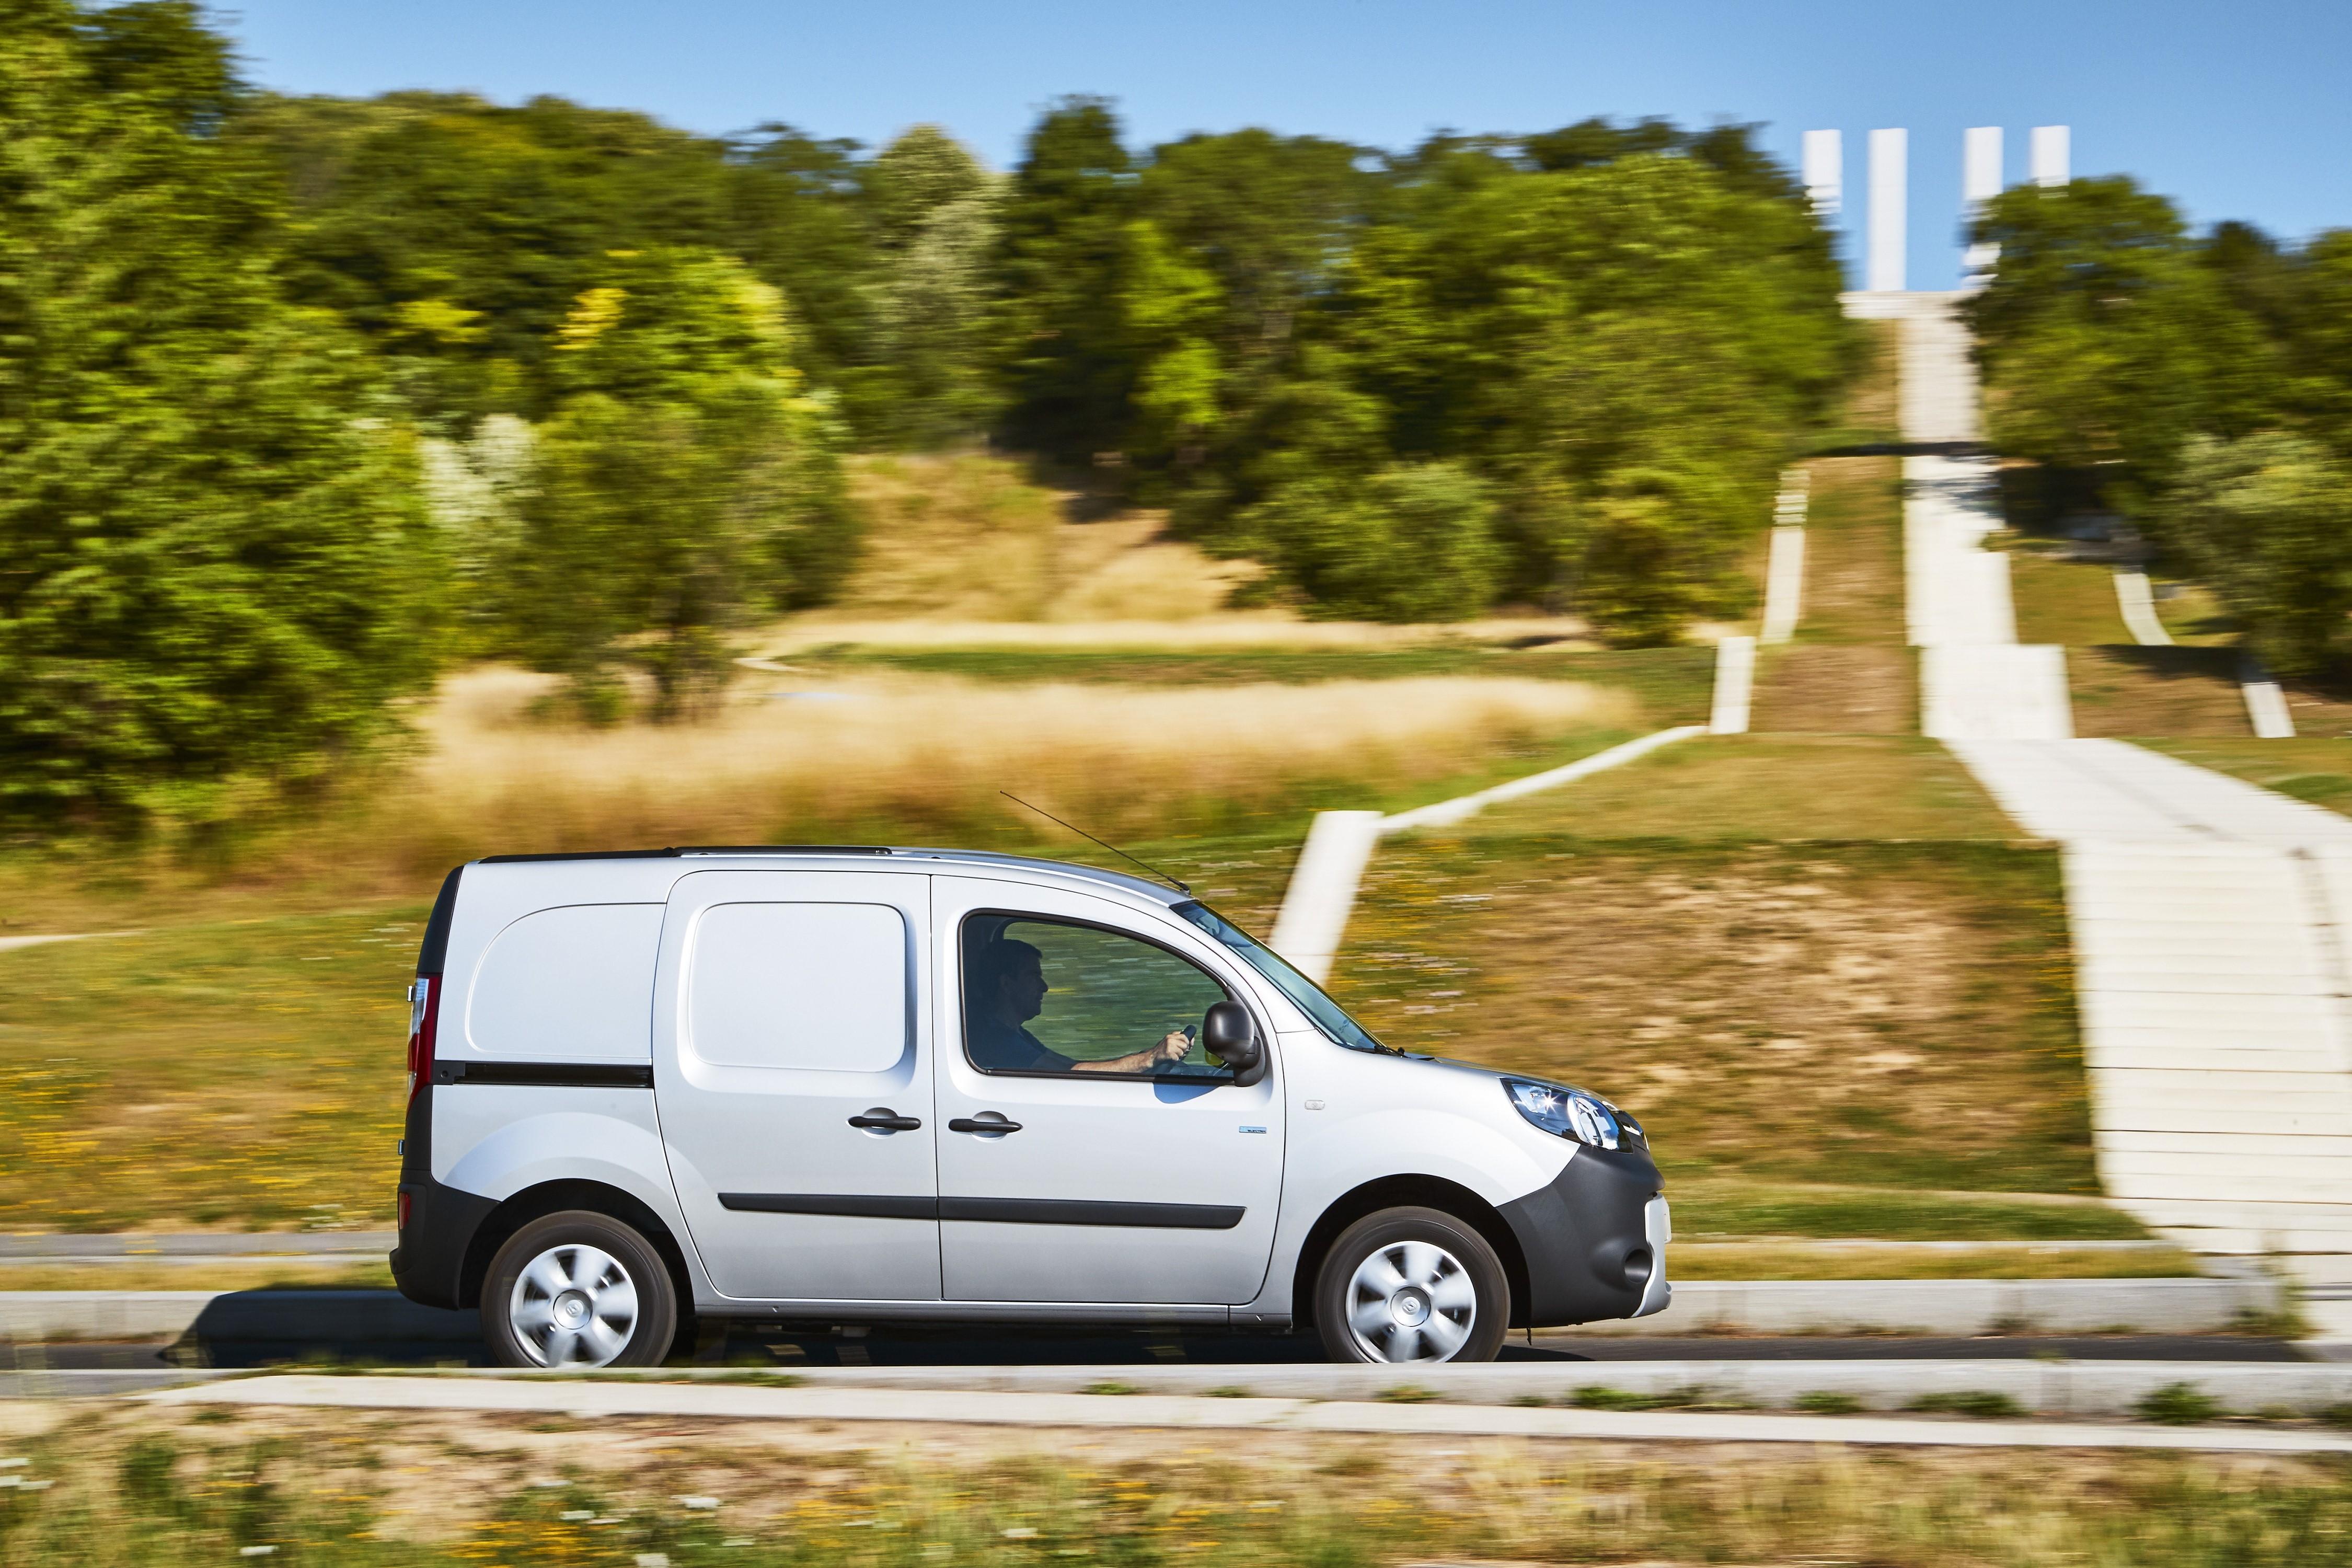 Hva er rekkevidden på elektriske varebiler?